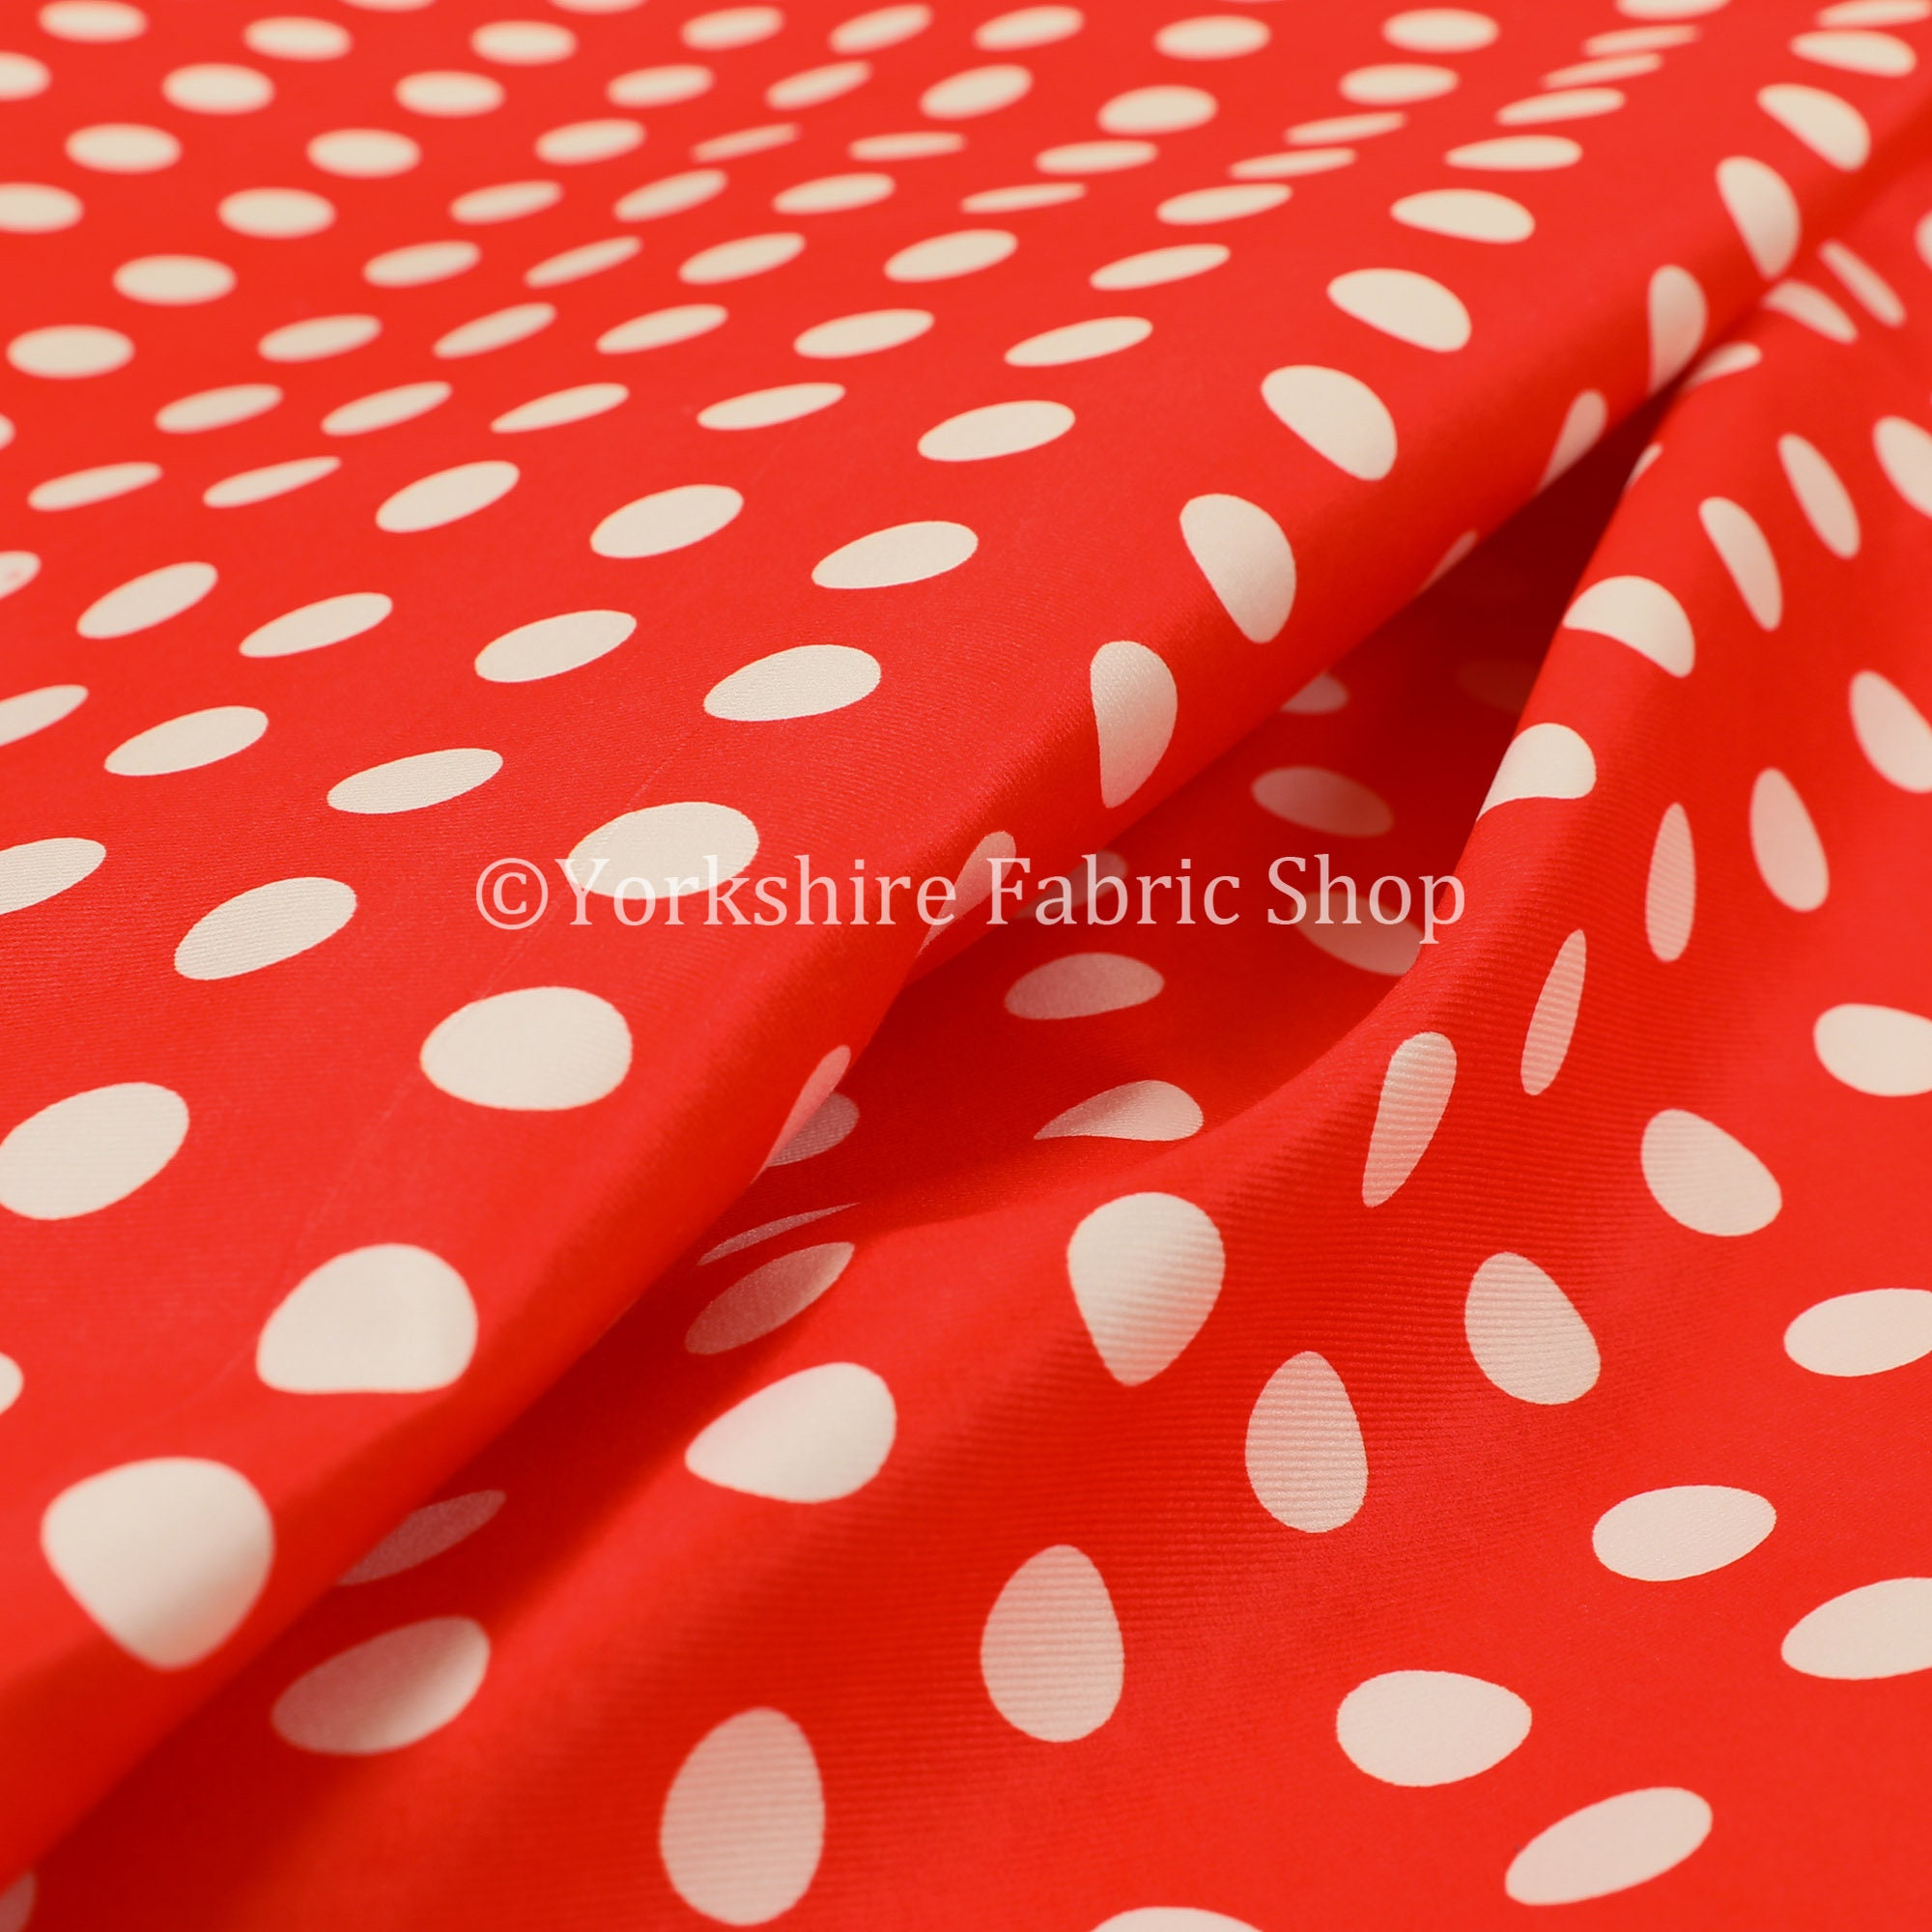 Nouveau motif tacheté tacheté tacheté blanc rouge imprimé velours velours Rideau tissus d'ameublement - vendus par le tissu de longueur de 10 mètres 149c3b